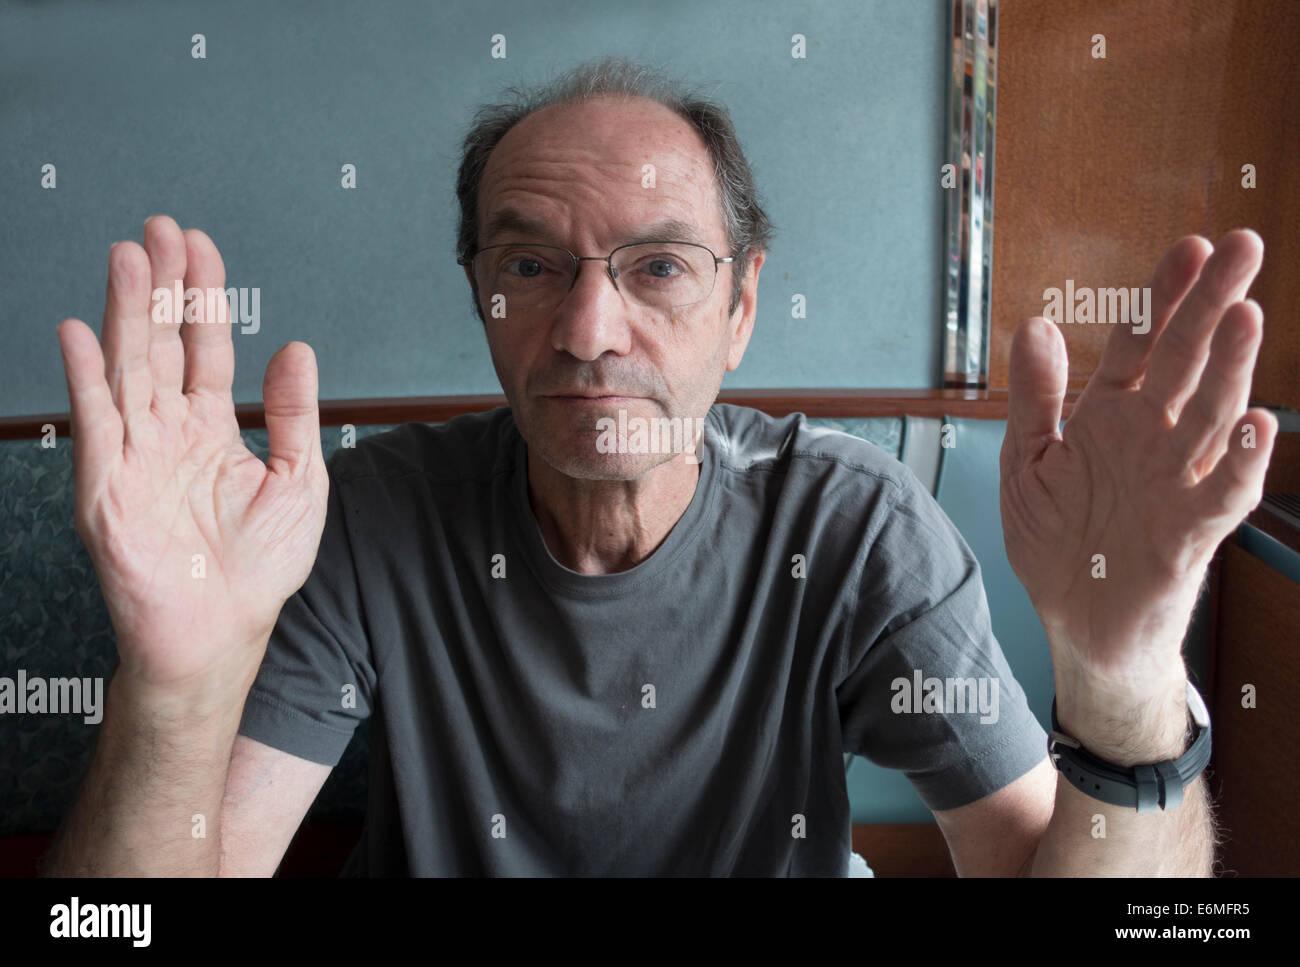 Uomo seduto a tavola gesti con le mani per fare un punto Immagini Stock